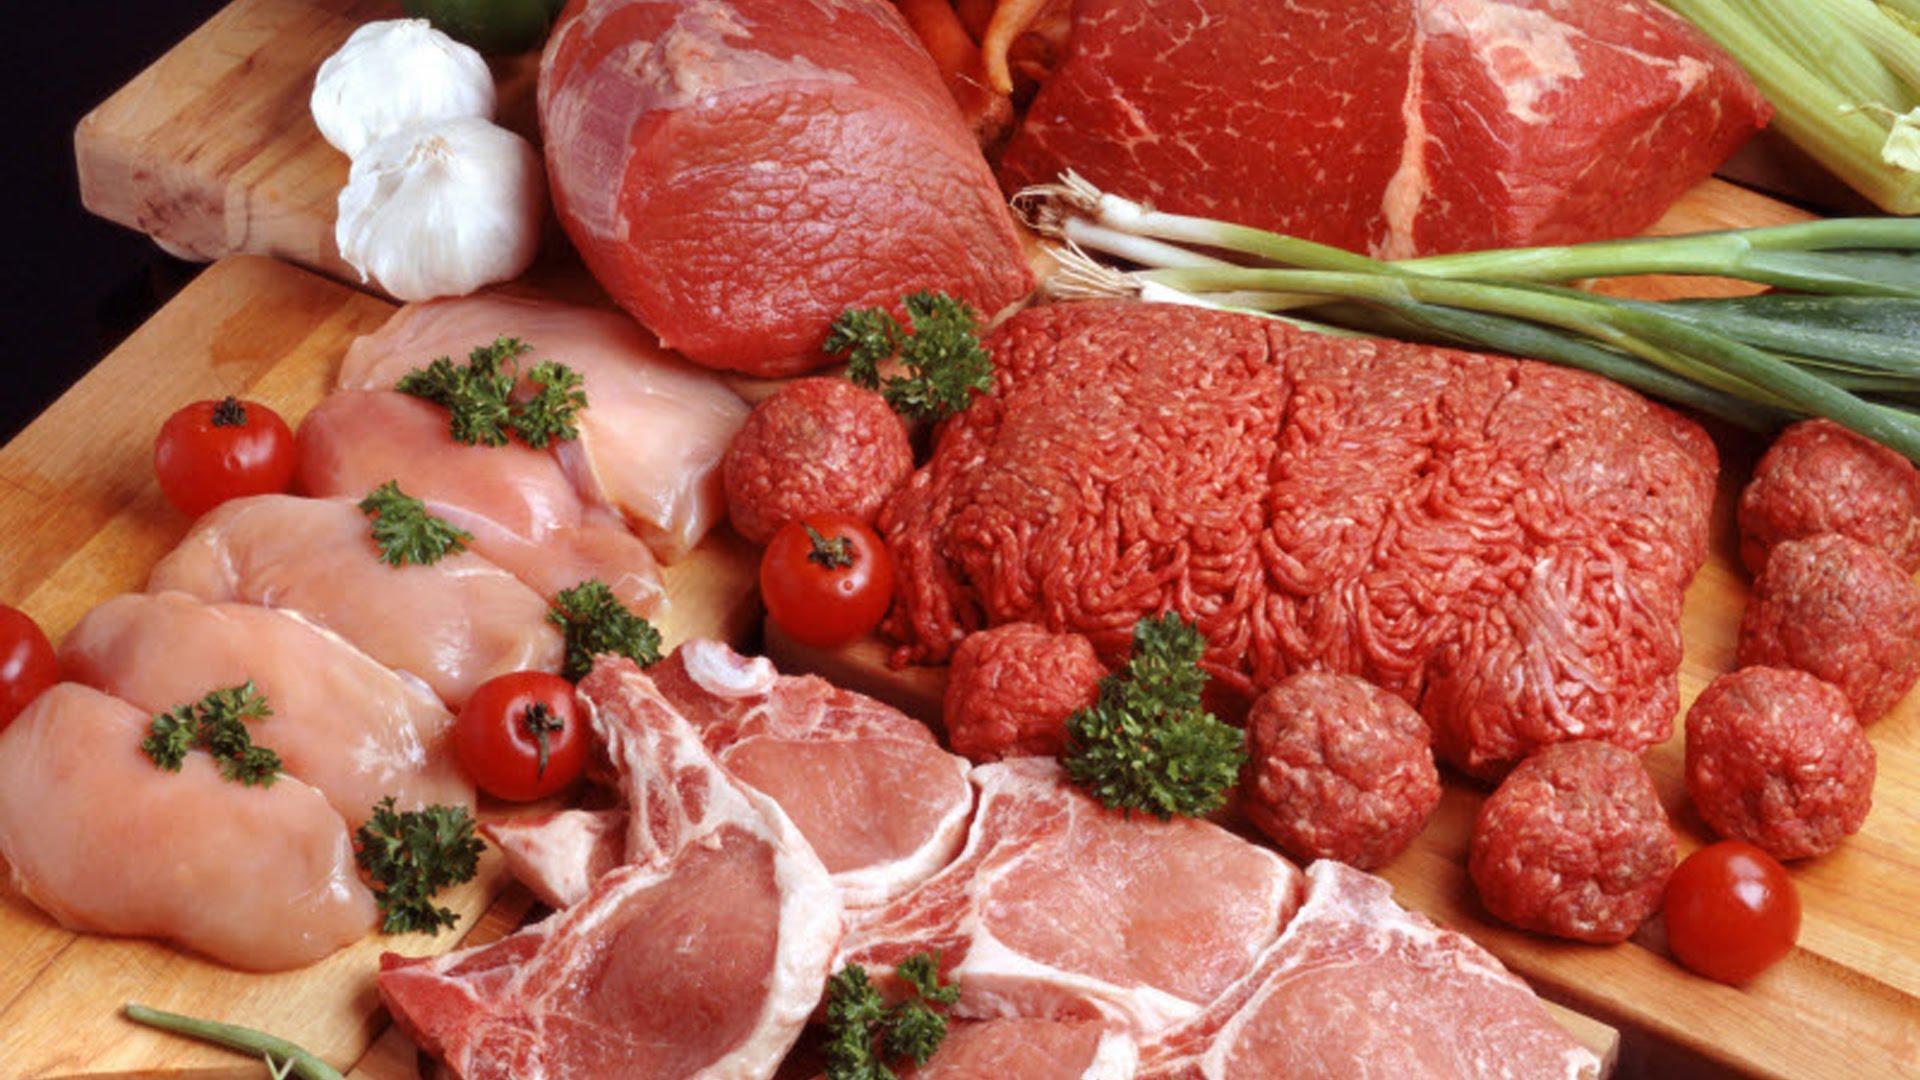 Сенсорный «пластырь» покажет наиспорченное мясо